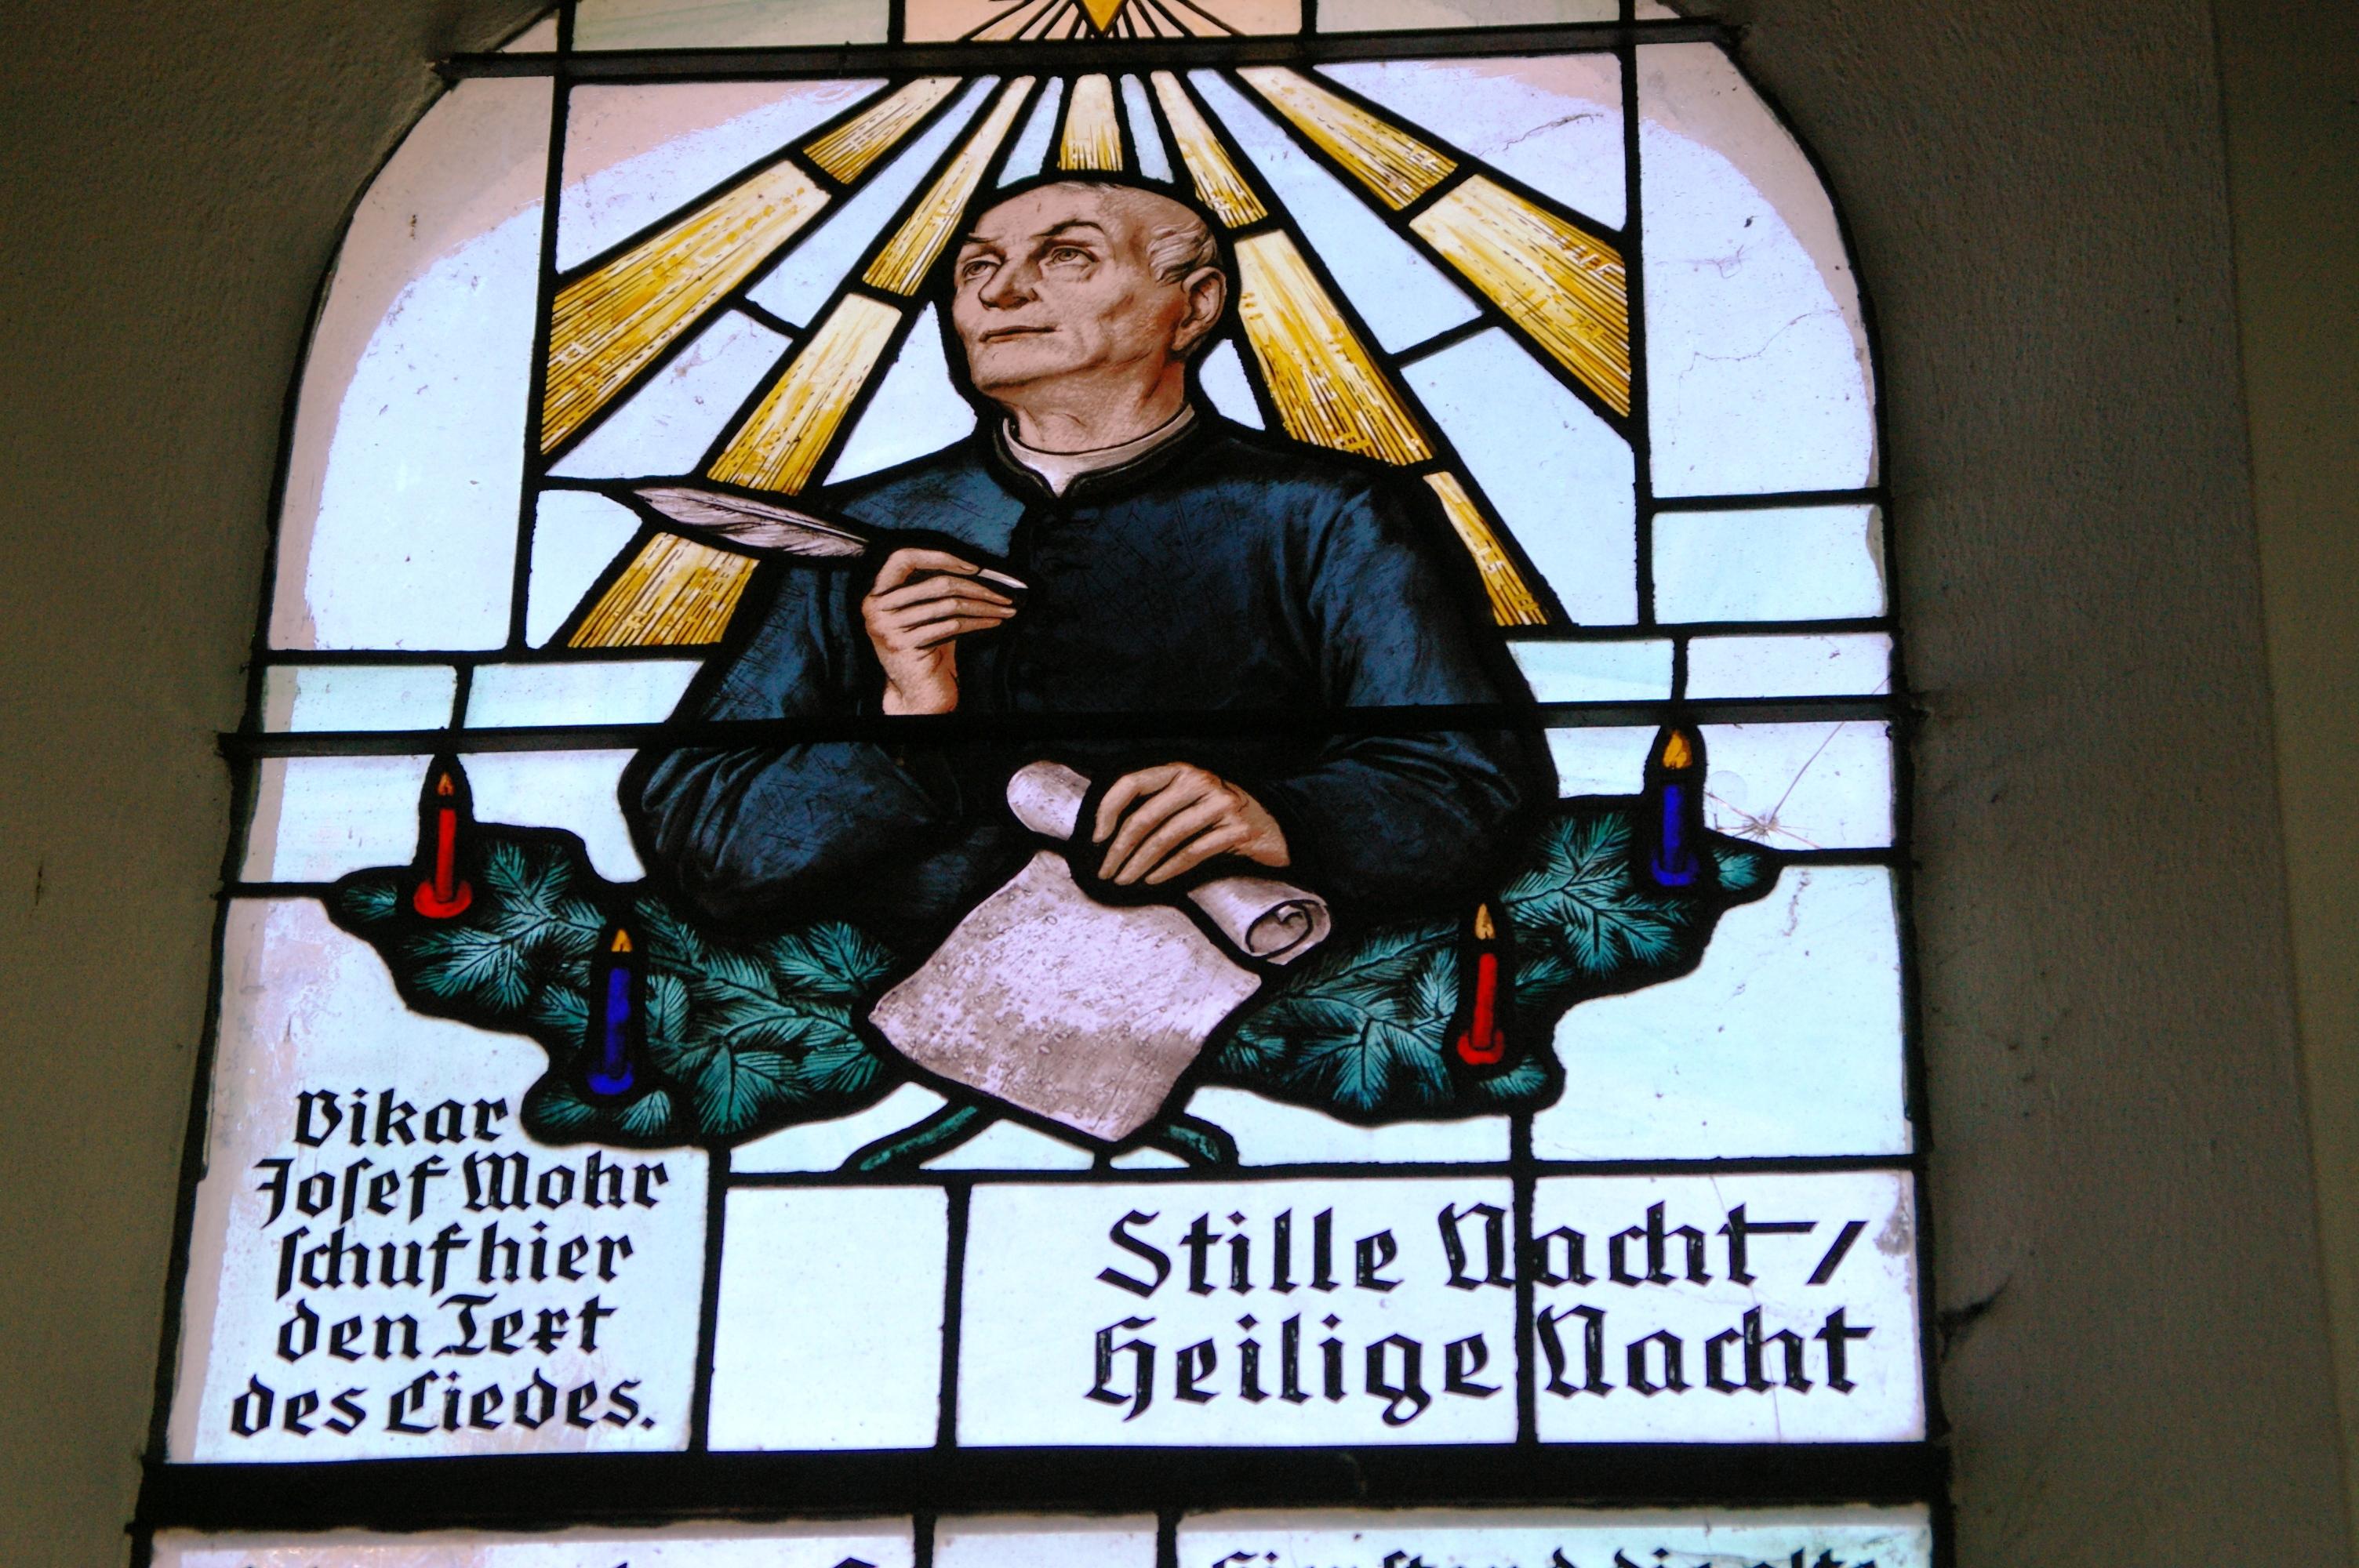 Glas-in-loodraam in de Stille Nacht-kapel.